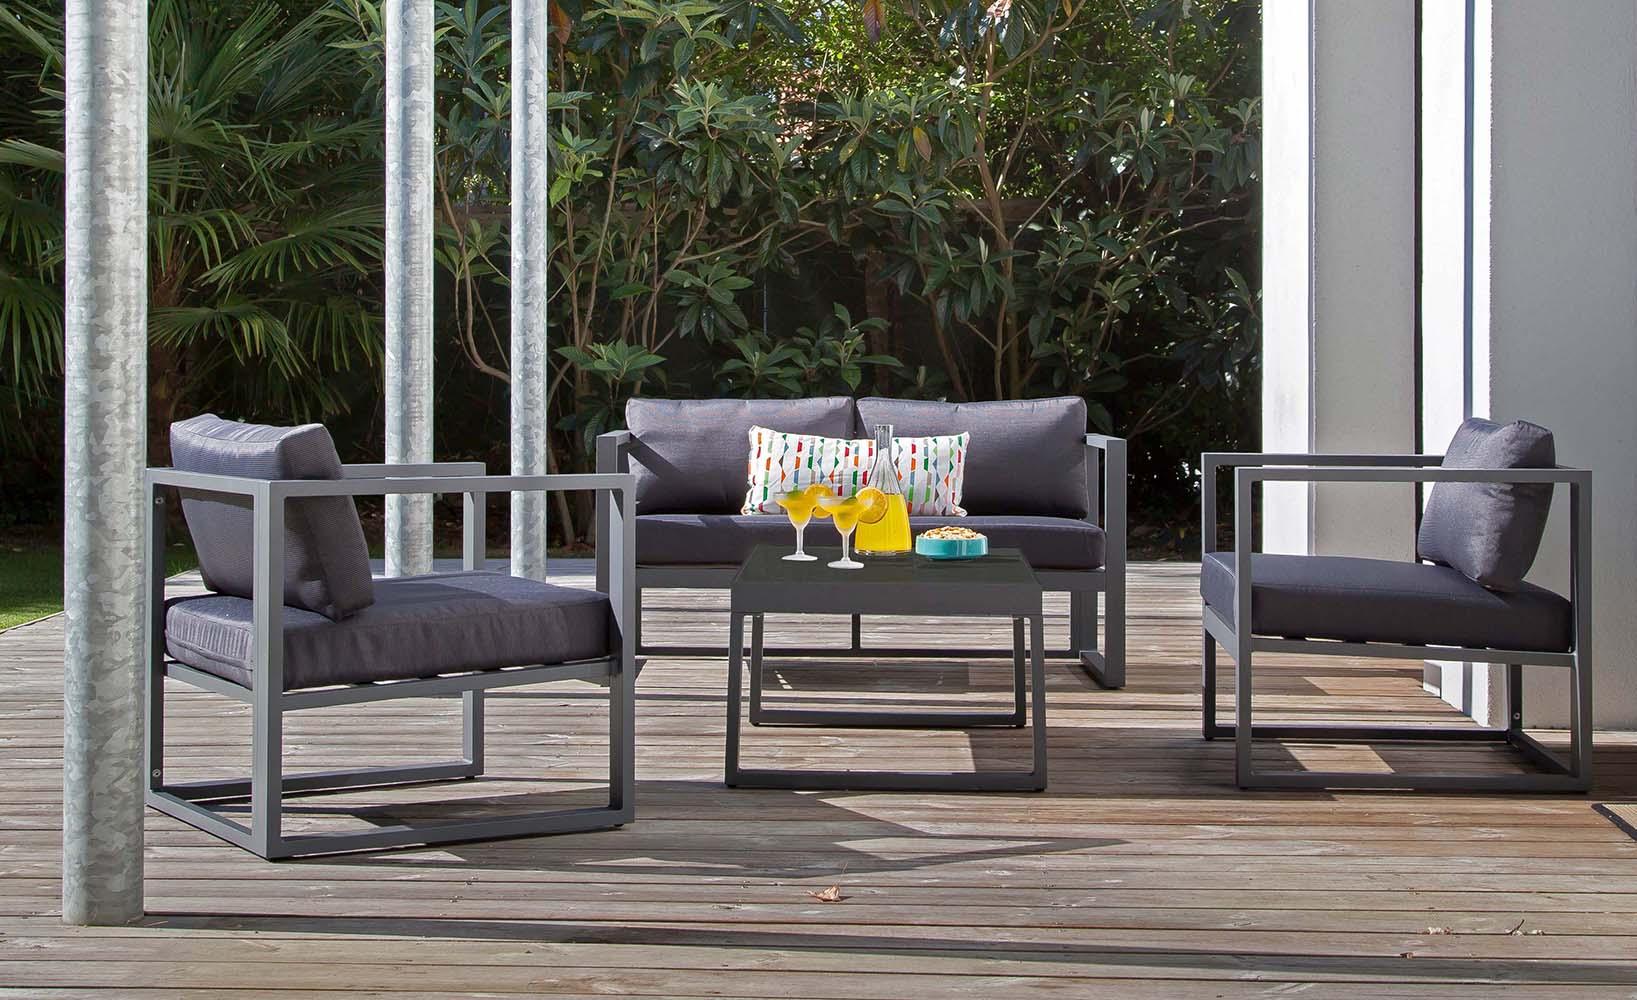 Salon de jardin en aluminium manhattan (gris et ébène)